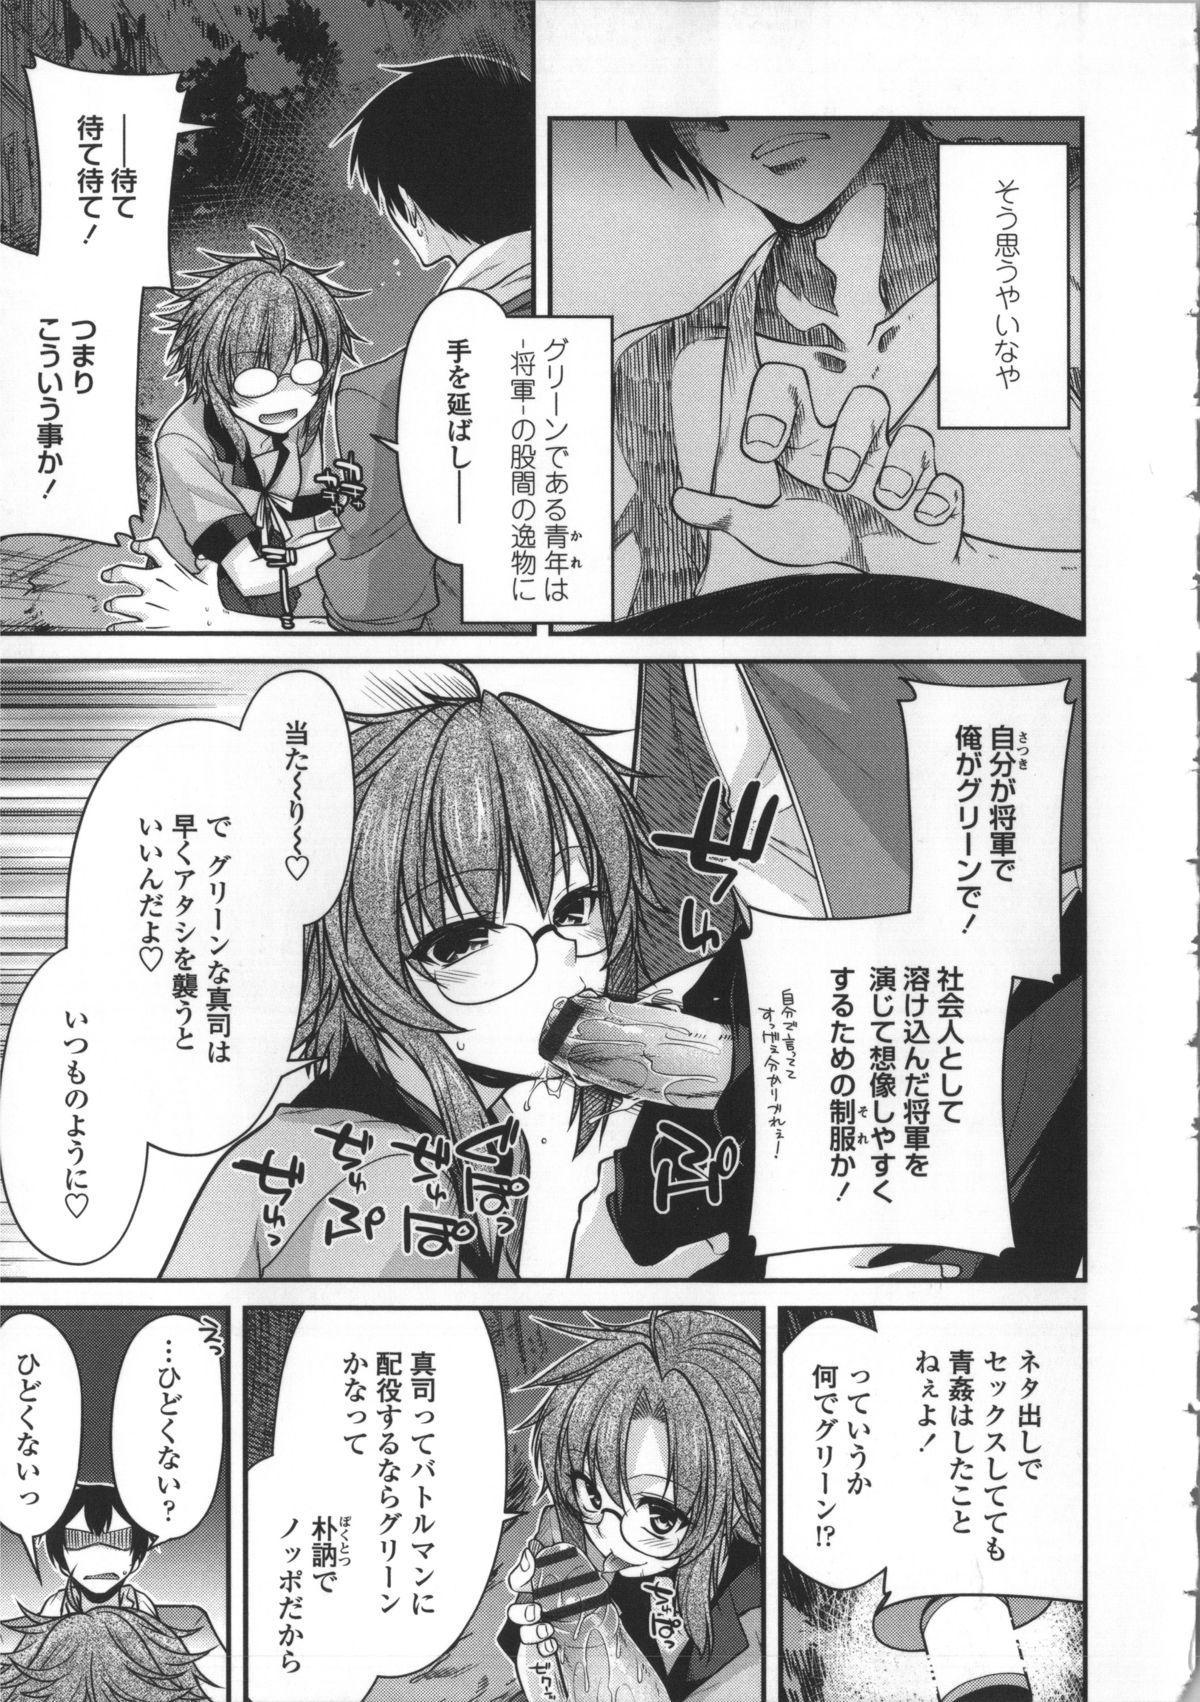 Yamato Nadeshiko Breast Changes 96